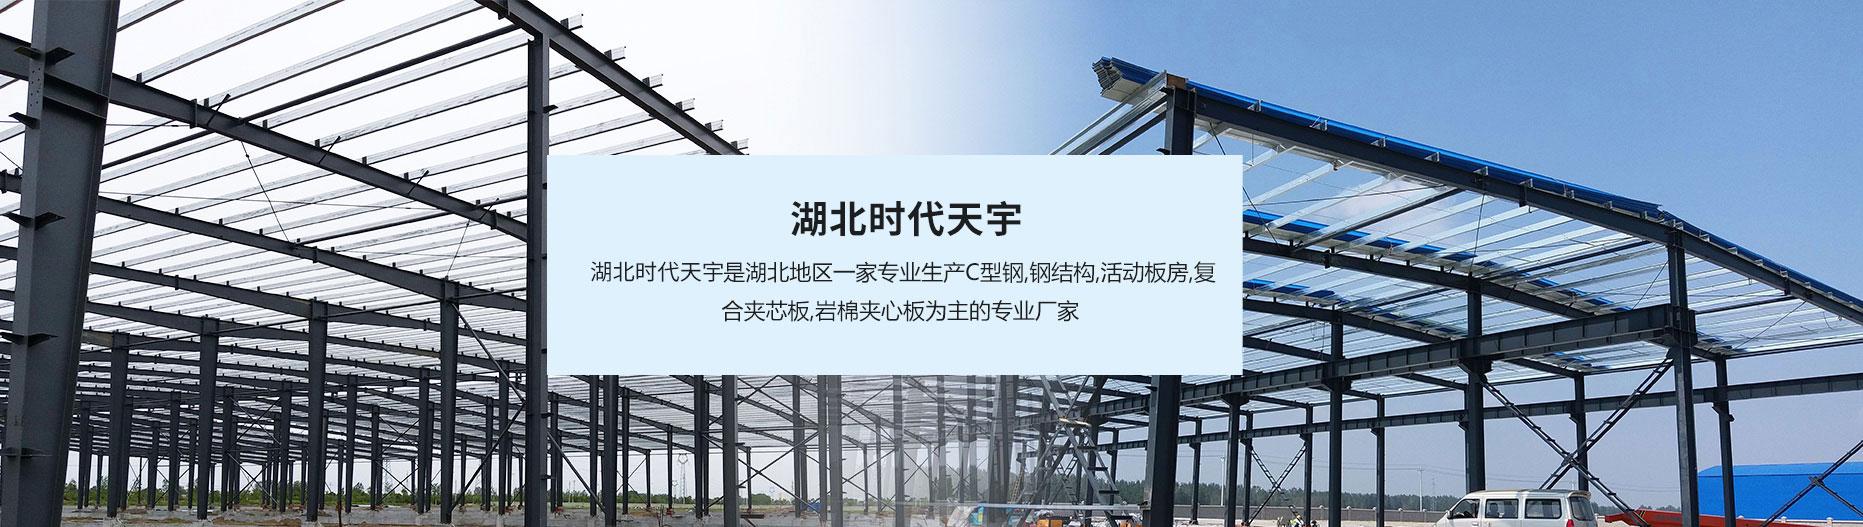 襄阳钢结构厂家